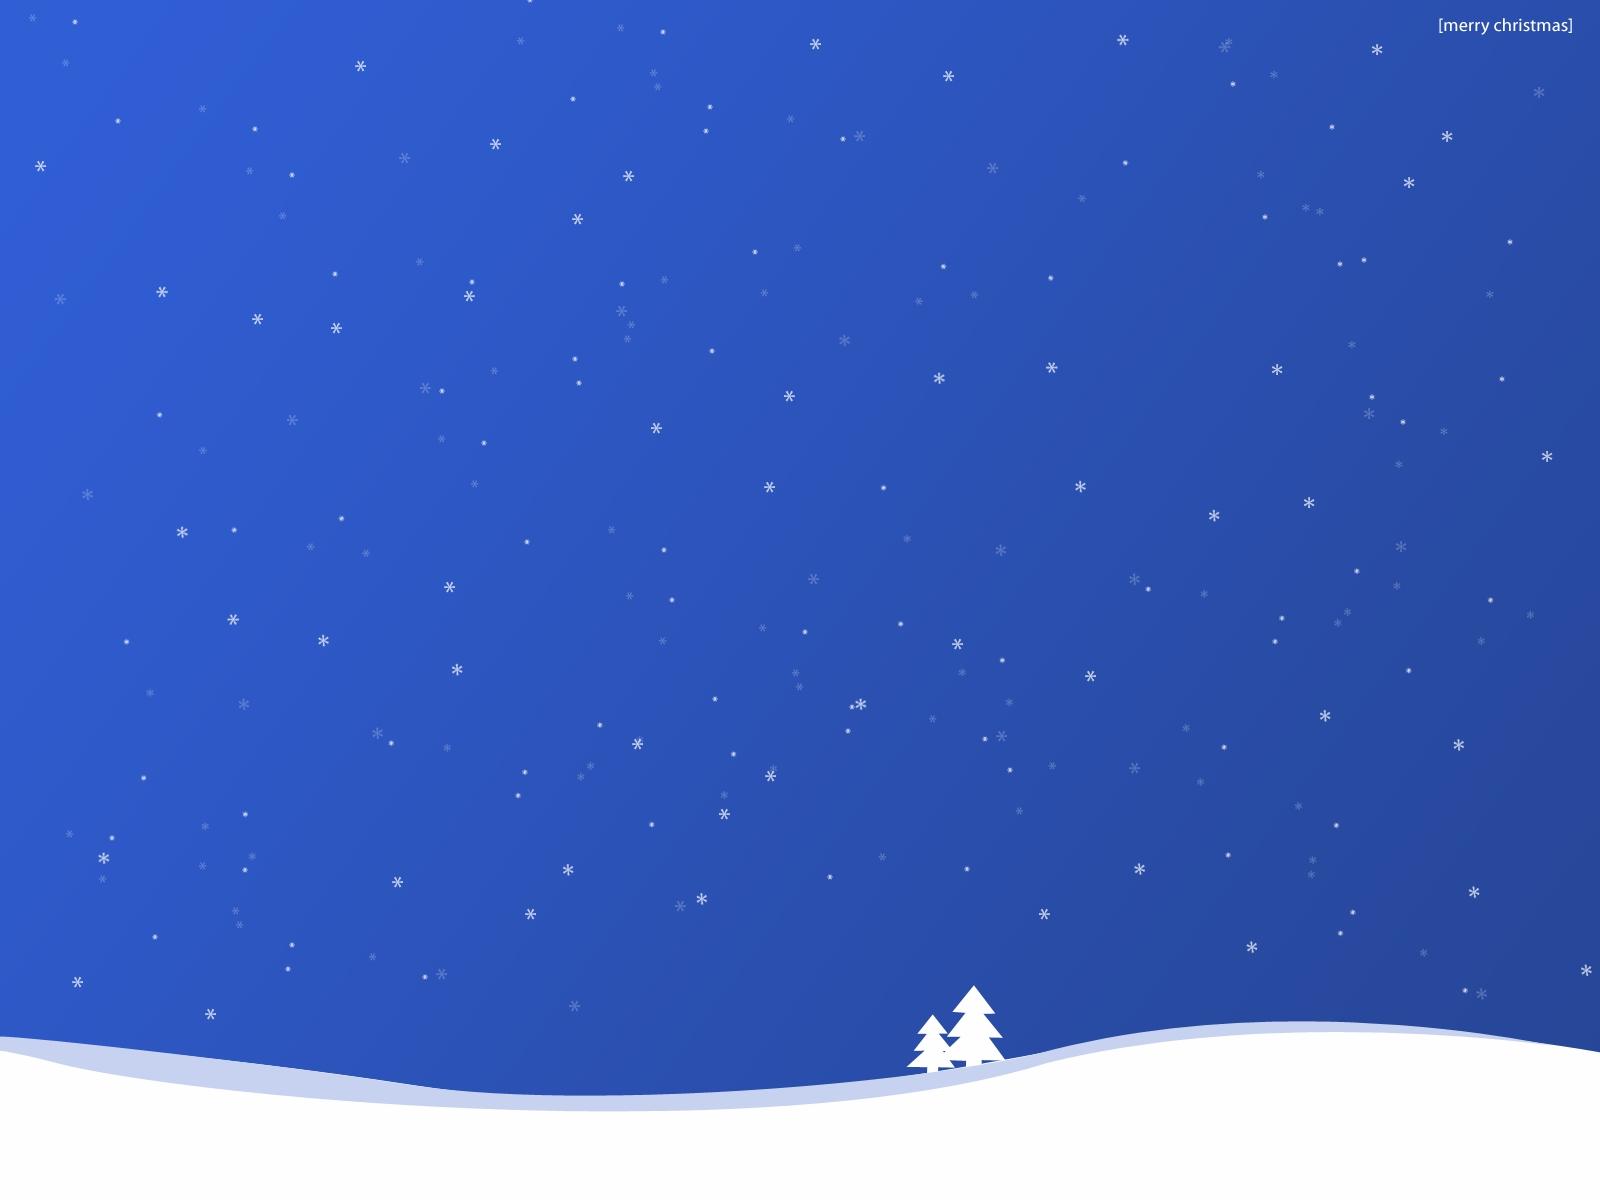 Free Snowy Christmas Desktop Wallpapers Www